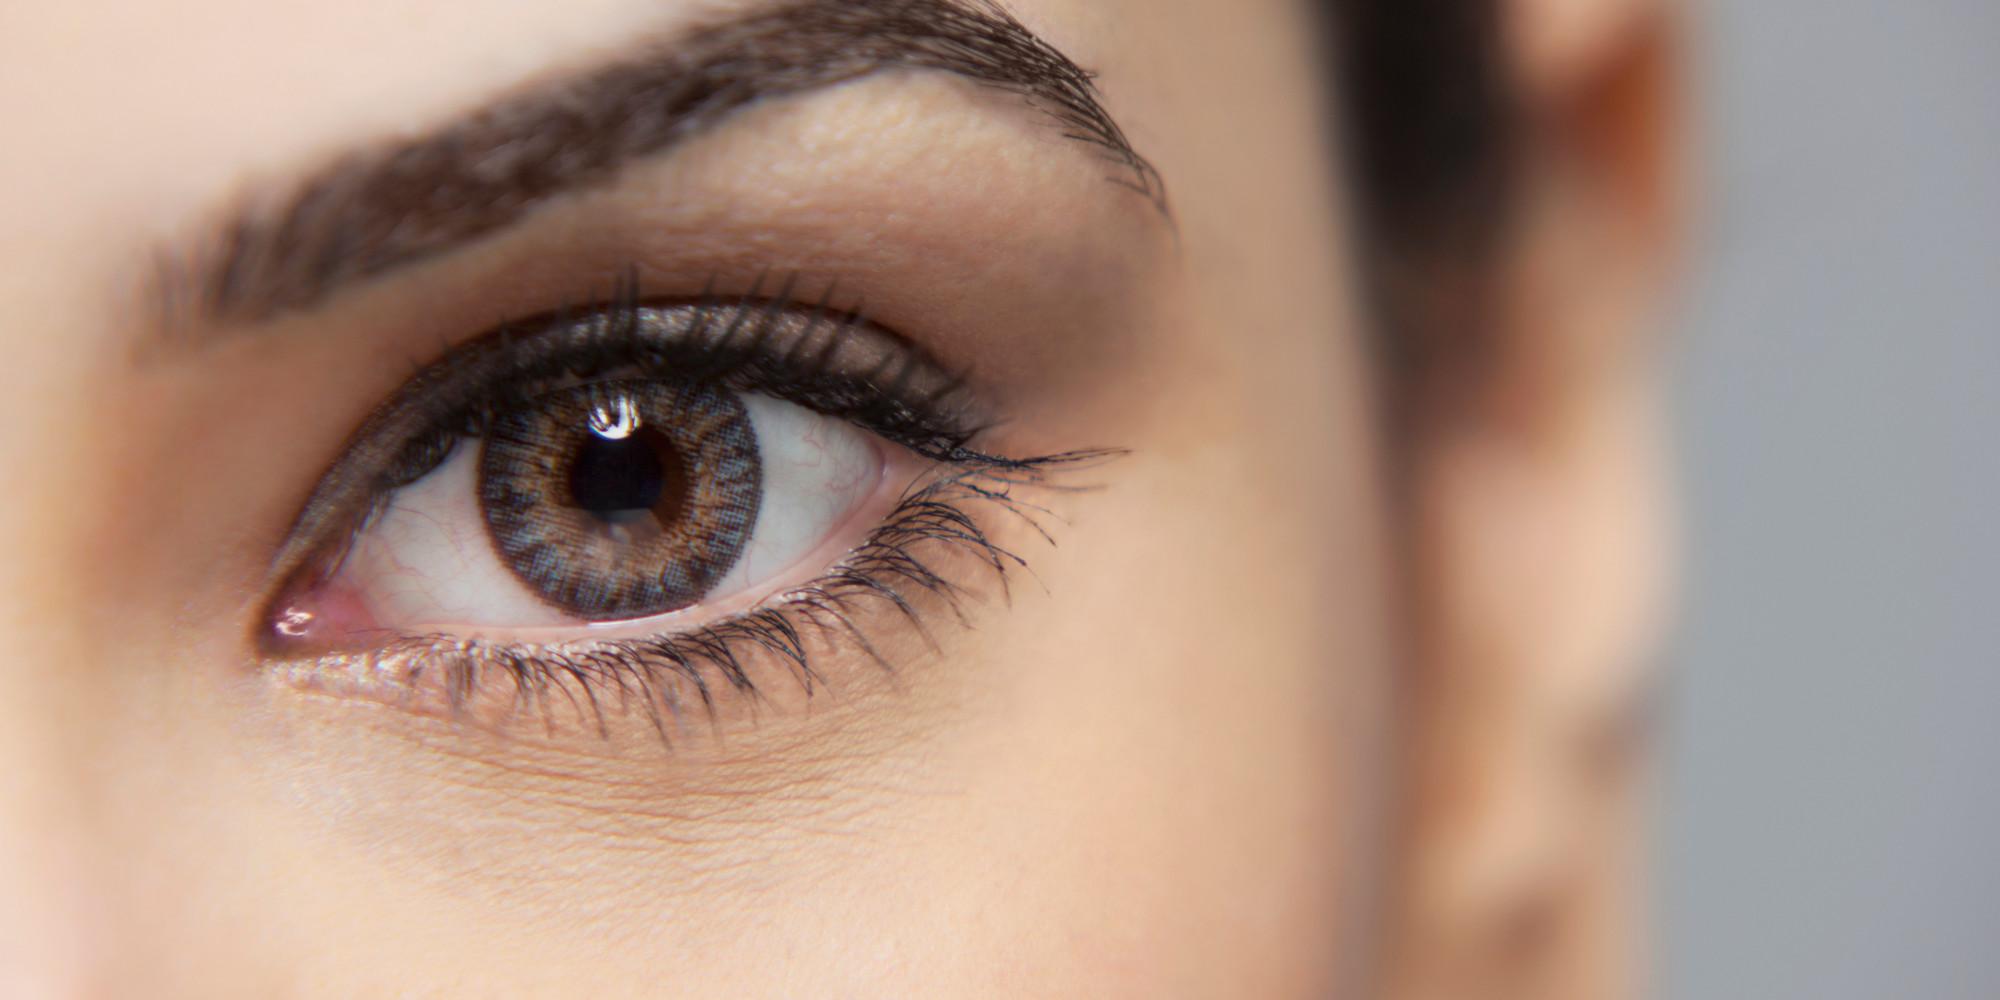 دانستنی های جالب درباره چشم انسان